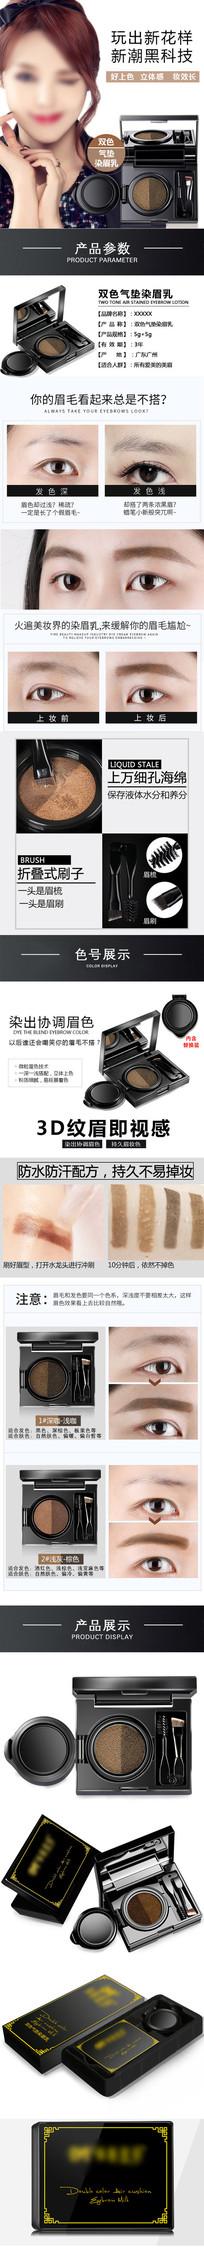 化妆品气垫染眉乳详情页 PSD